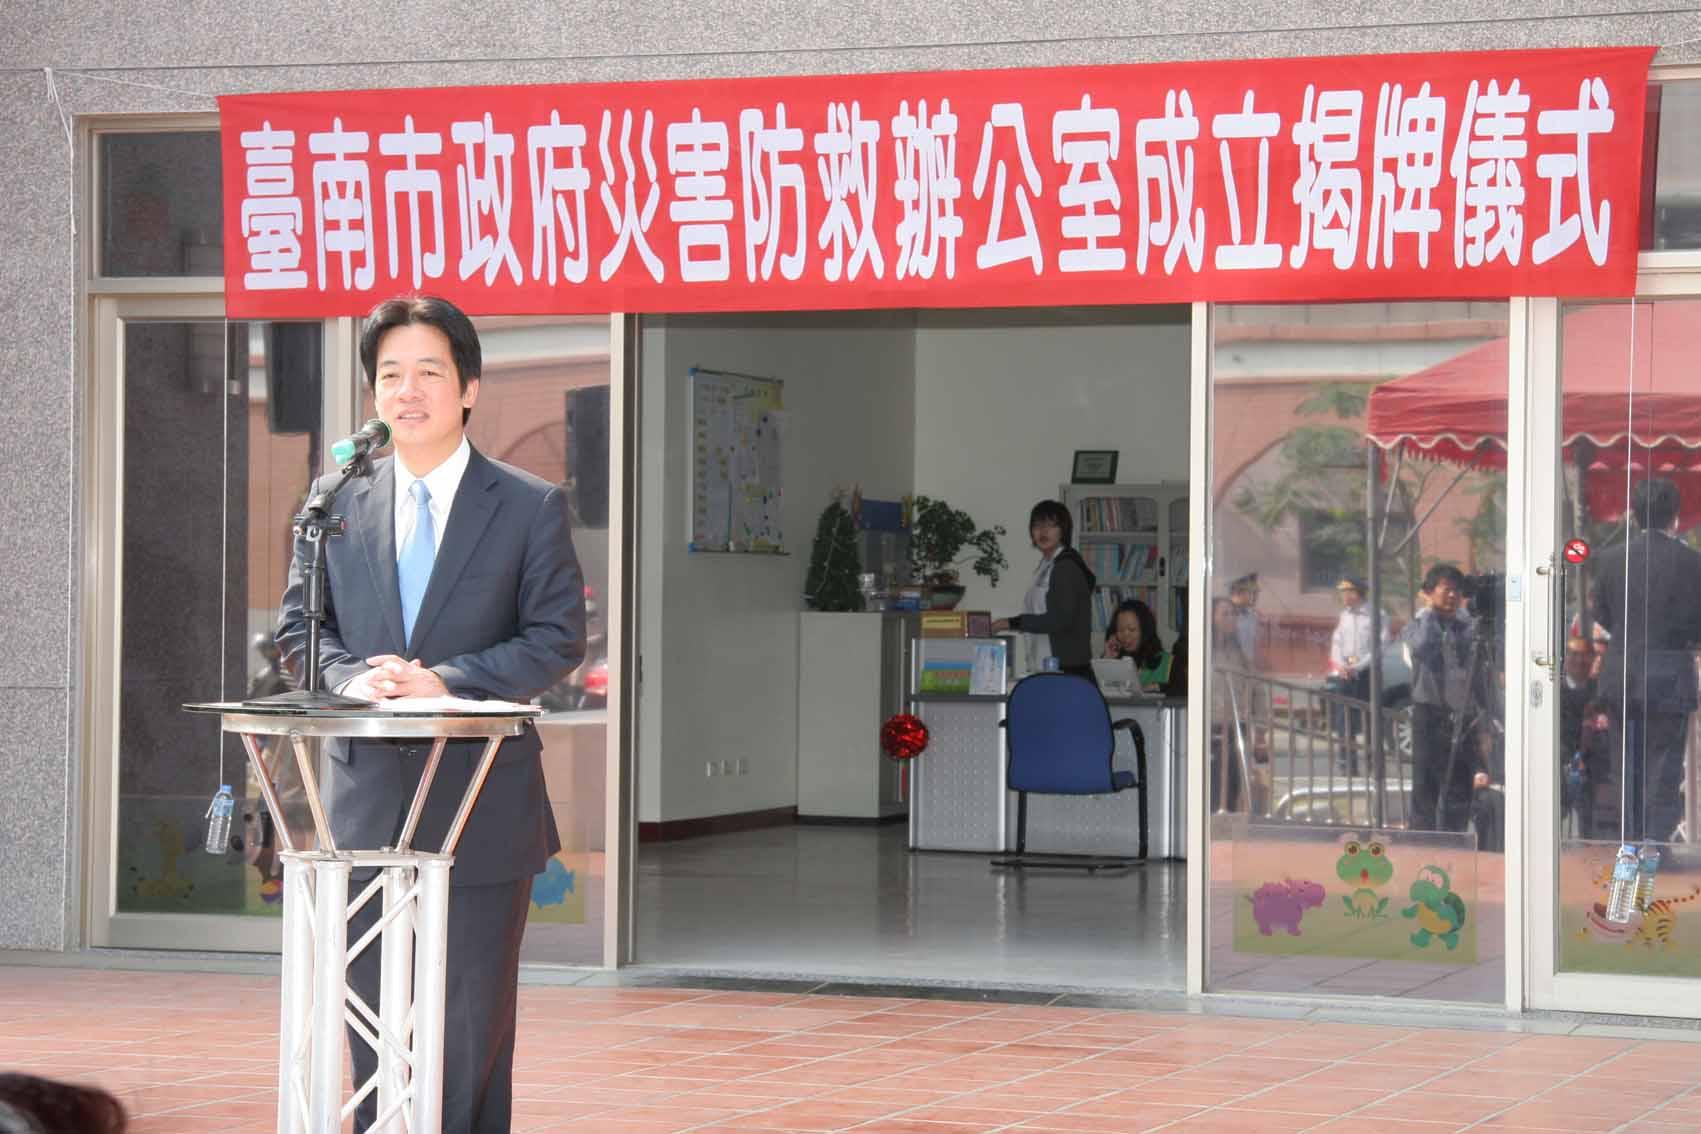 臺南市政府成立災害防救辦公室市長致詞